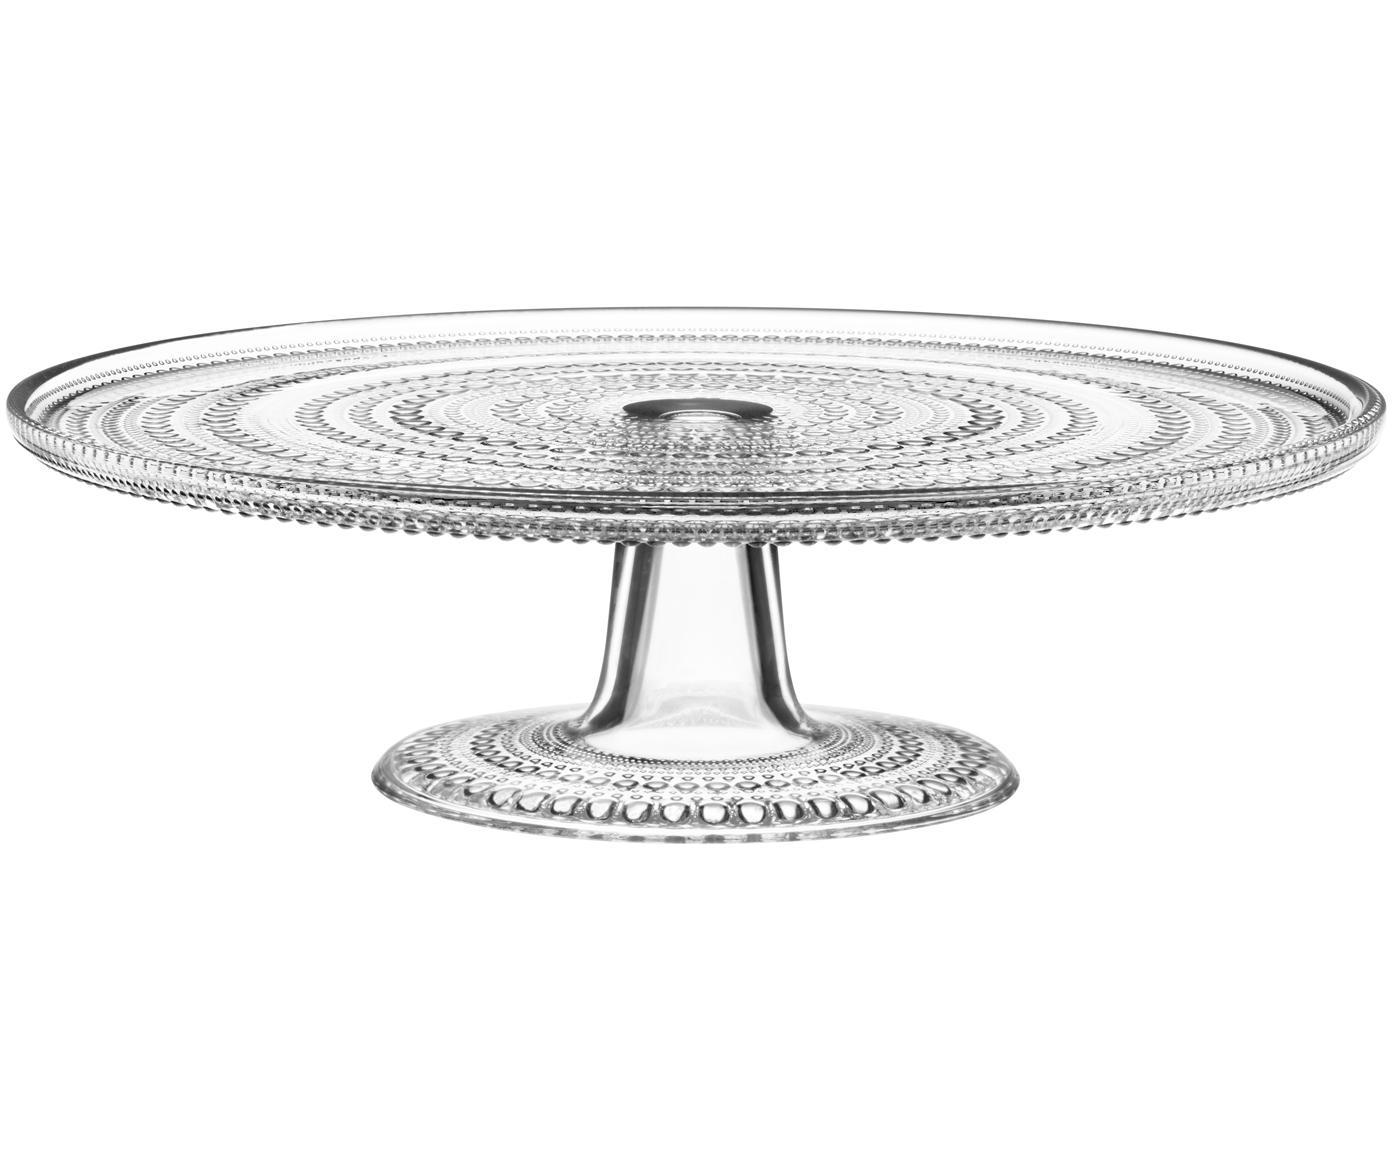 Glas-Tortenplatte Kastehelmi mit Tropfendesign, Glas, Transparent, Ø 32 cm